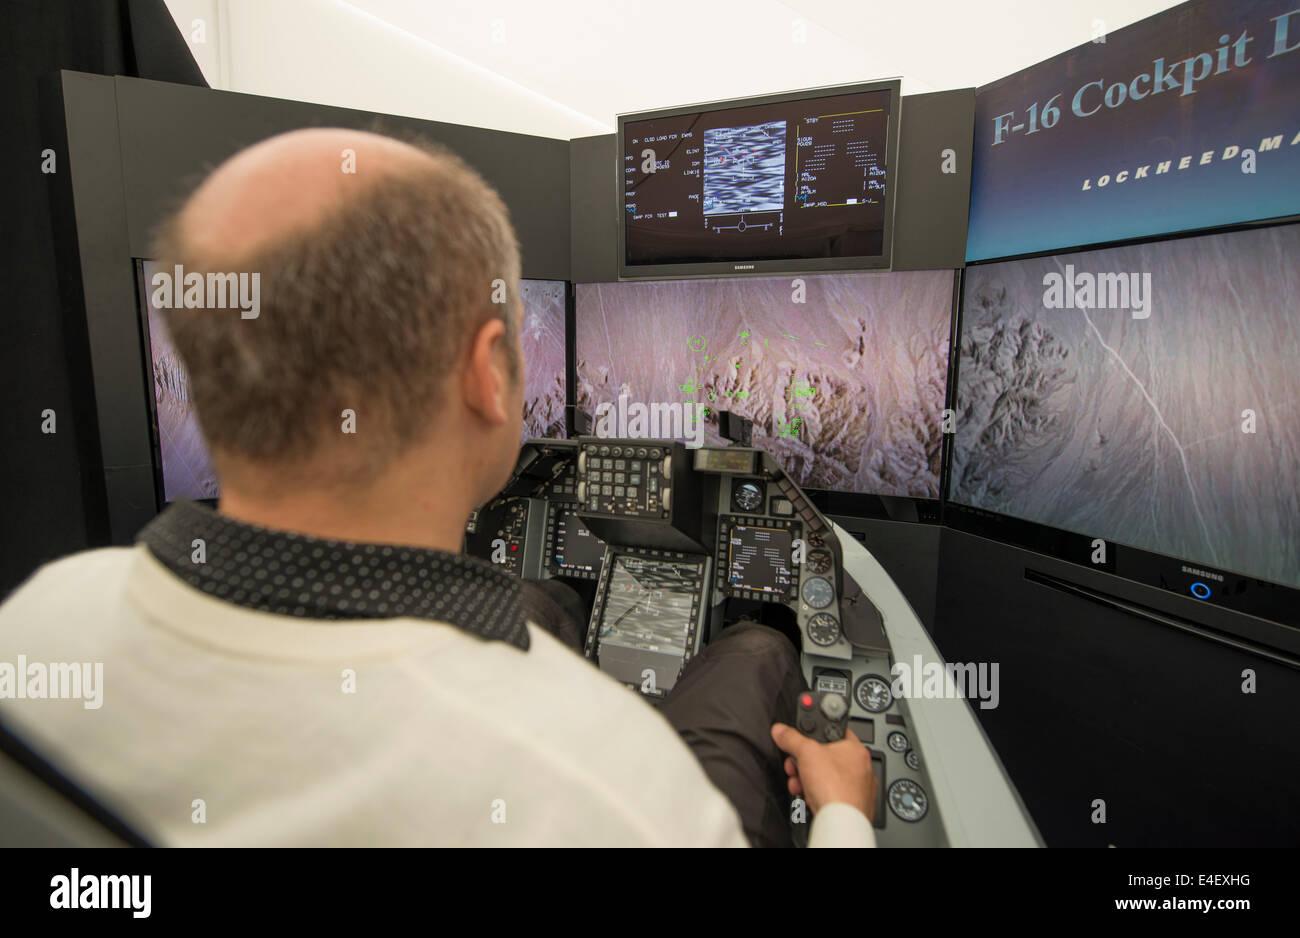 RAF Fairford, Gloucestershire UK. 9 juillet 2014. Lockheed Martin F16 Fighting Falcon full size sur simulateur de cockpit display à la presse avant l'ouverture de RIAT le vendredi 11 juillet. Credit: Malcolm Park editorial/Alamy Live News Banque D'Images